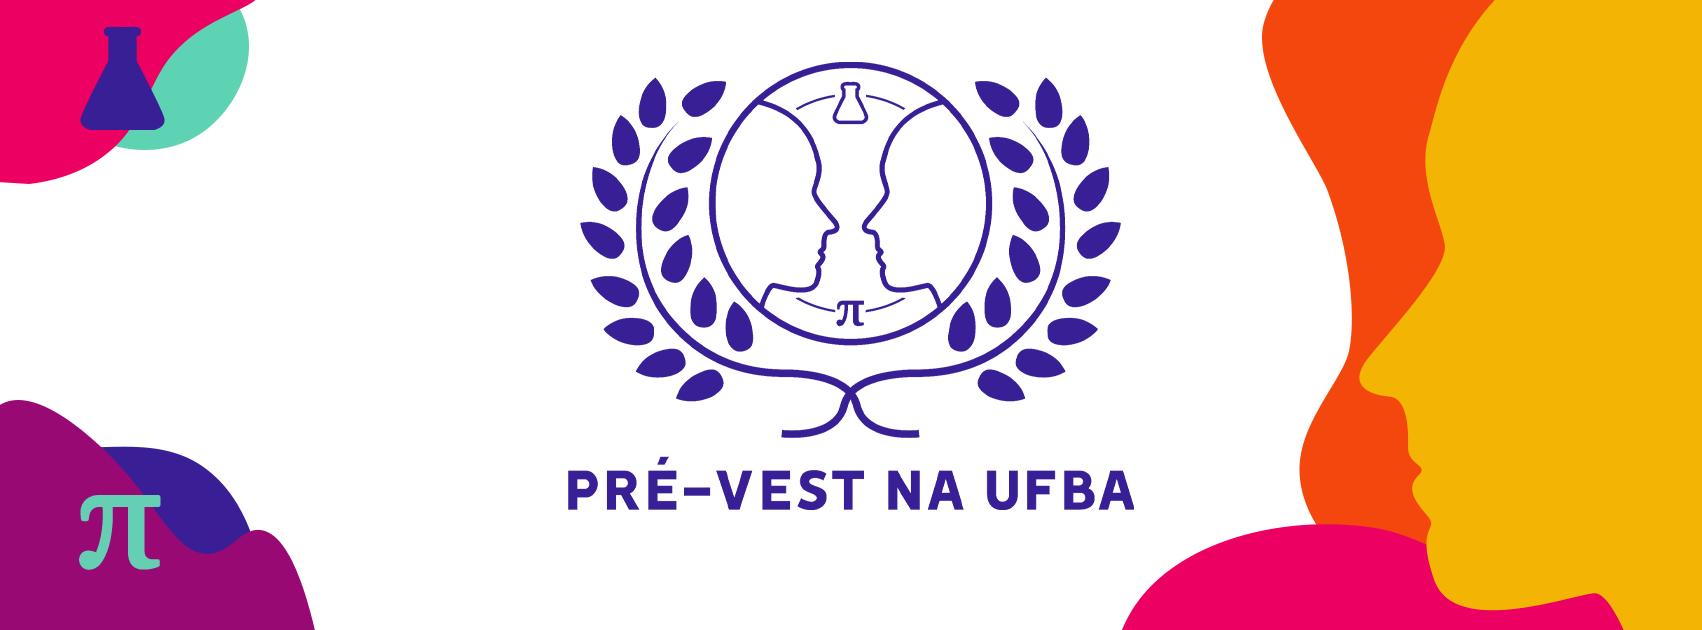 Cursinho pré-vestibular da UFBA abre inscrições para 2021